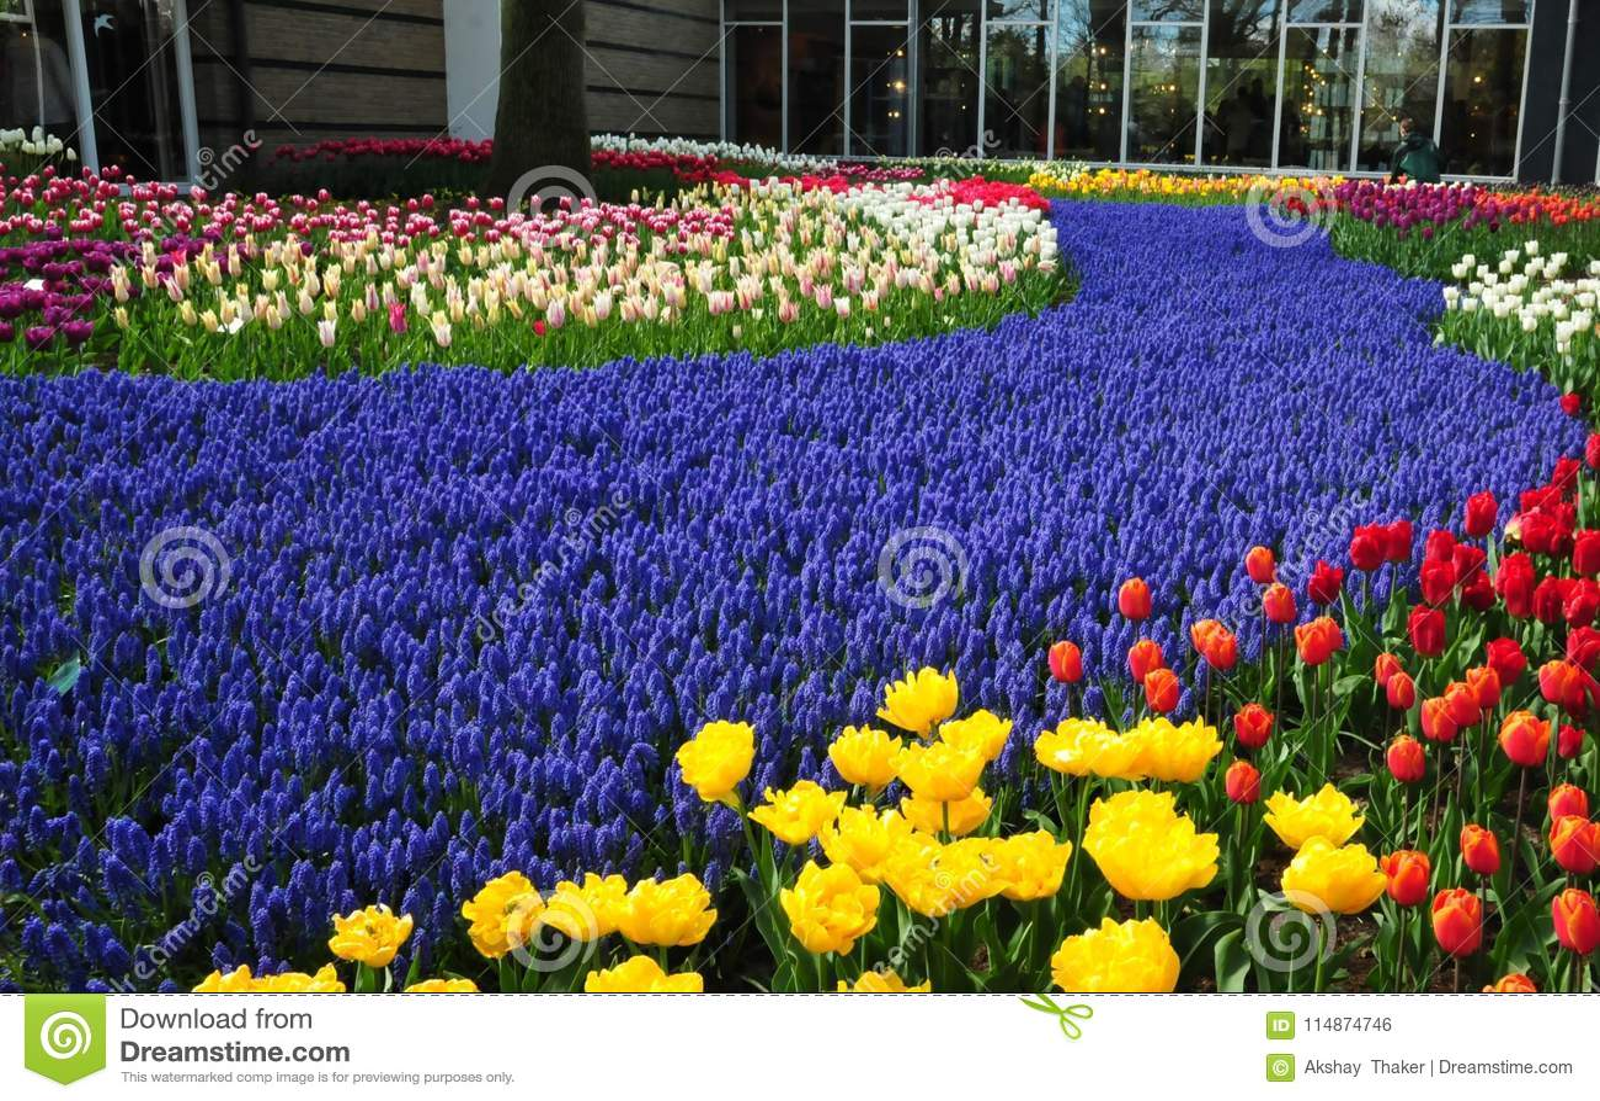 Violet Path In Keukenhof Garden The Worlds Largest Flower Gardens